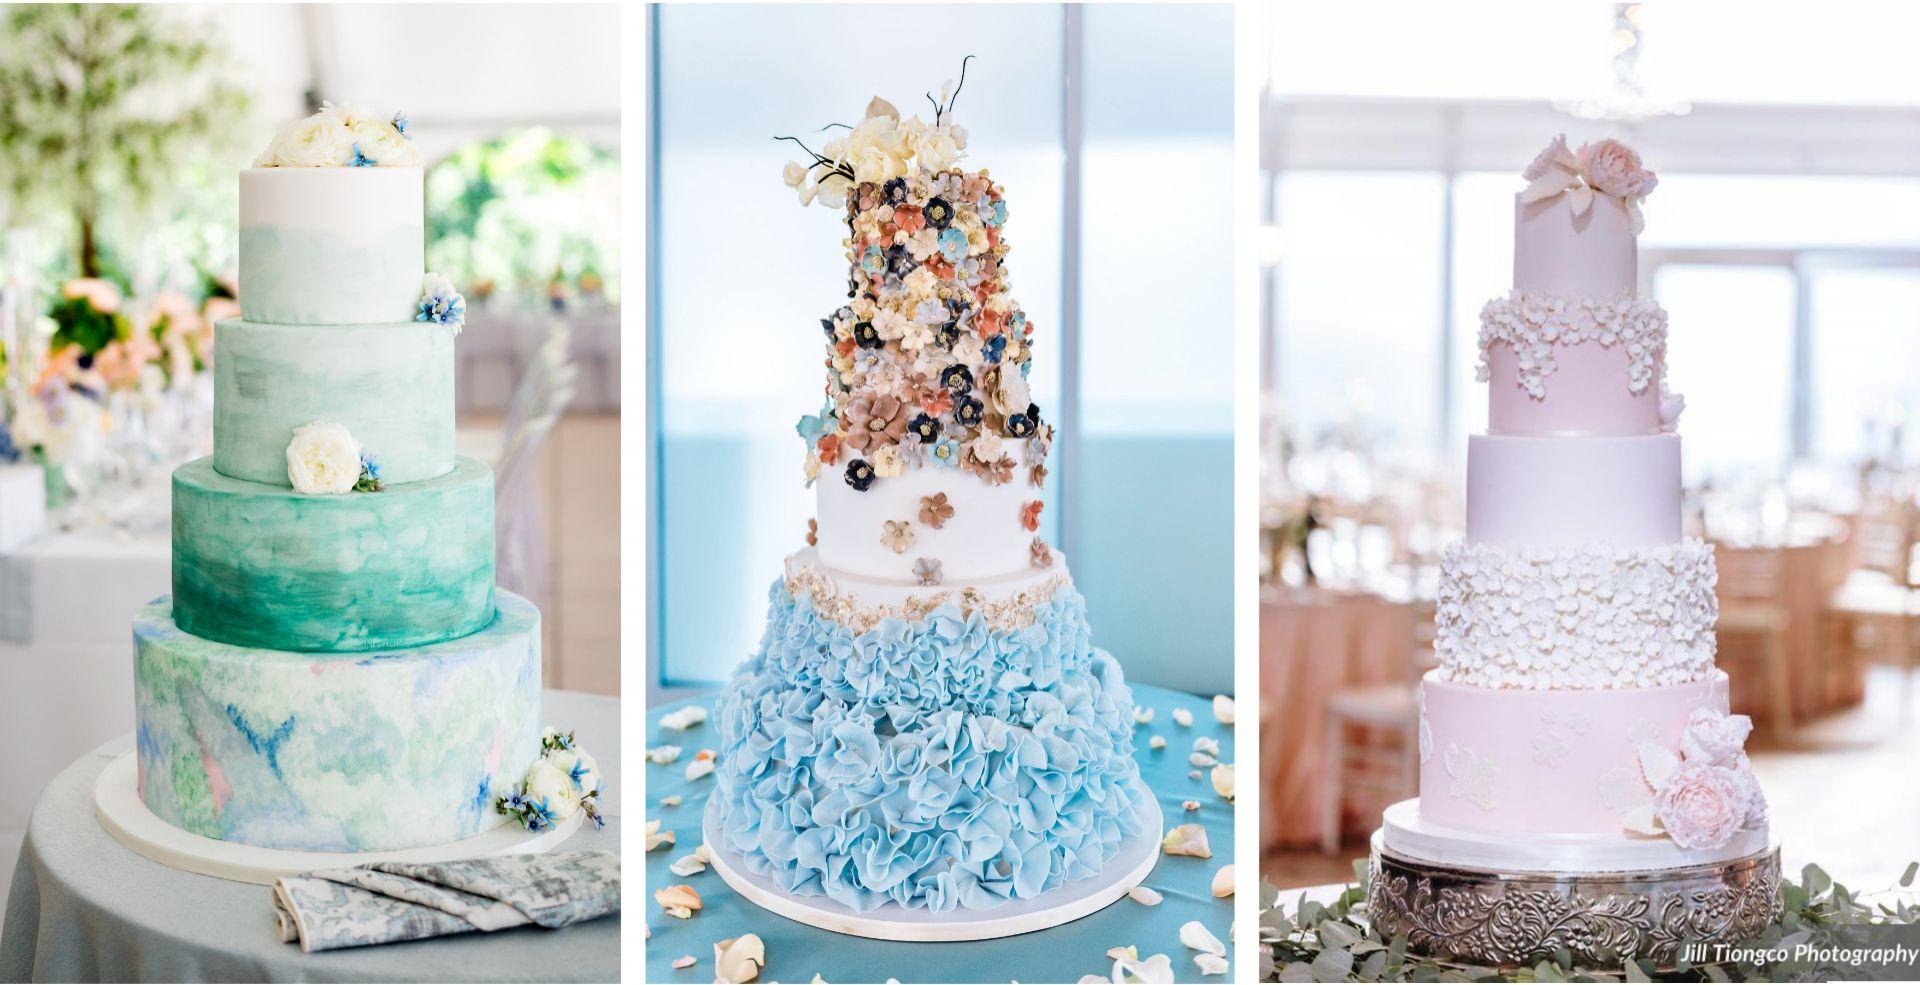 Wedding cake, wedding, Fondant wedding cake, Spring wedding cake, Summer wedding cake, Chicago Wedding cake, Chicago cake, Chicago wedding, Amy Beck Cake Design wedding cake, Custom wedding cake, Specialty wedding cake, four tier wedding cake, fondant, watercolor wedding cake, fresh flowers wedding cake, cake, gorgeous wedding cake, wedding, Specialty cake, custom cake, Tall wedding cake, 5 tier wedding cake. Sugar flower wedding cake, Ruffle wedding cake, Gold wedding cake, Bas relief wedding cake, Blossom wedding cake, Fondant wedding cake, Galleria Marchetti wedding cake, blue wedding cake, floral wedding cake, spring wedding cake, wedding cake, cake, gorgeous wedding cake, Chicago wedding cake, Chicago wedding, wedding, Amy Beck Cake Design wedding cake, Custom wedding cake, Specialty cake, specialty wedding cake, custom cake, Tall wedding cake, 5 tier wedding cake, Blossom wedding cake, Fondant wedding cake, Silver cake plateau, Lace wedding cake, Sugar peony wedding cake, Blush wedding cake, wedding cake, gorgeous wedding cake, Chicago wedding cake, Chicago wedding, wedding, Amy Beck Cake Design wedding cake, Custom wedding cake, Specialty cake, specialty wedding cake, custom cake